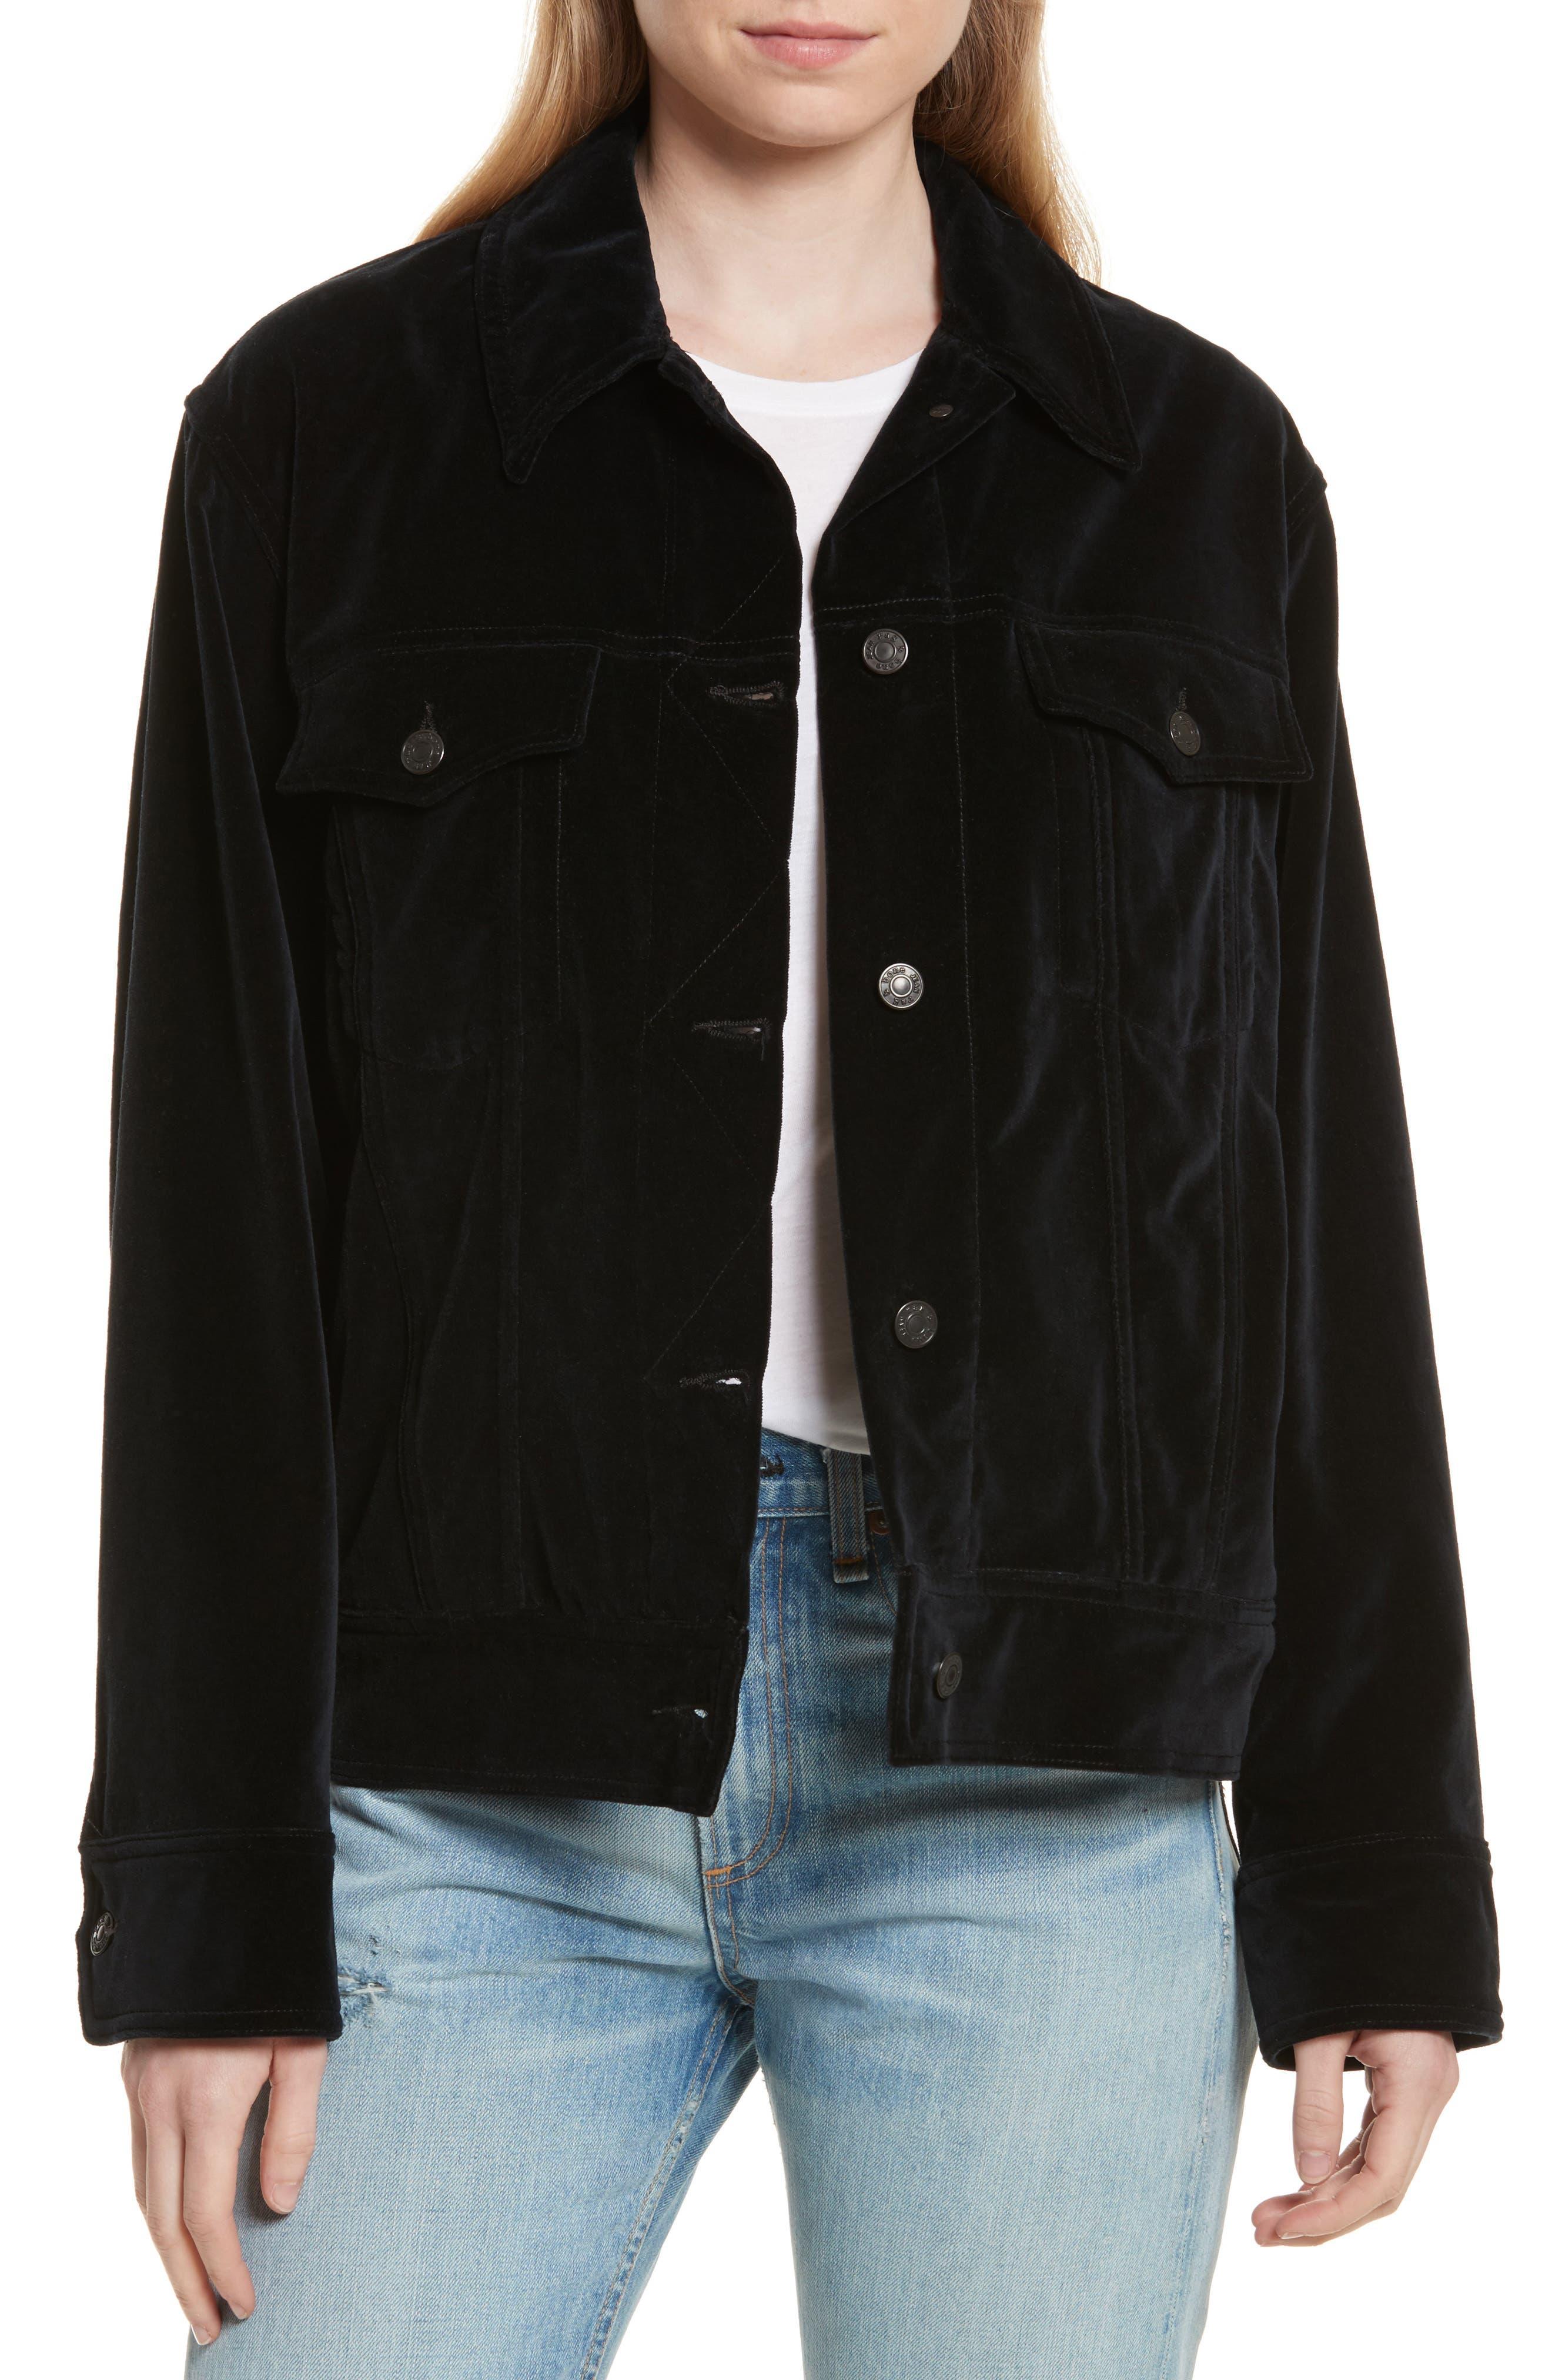 Alternate Image 1 Selected - rag & bone/JEAN Oversize Velvet Jacket